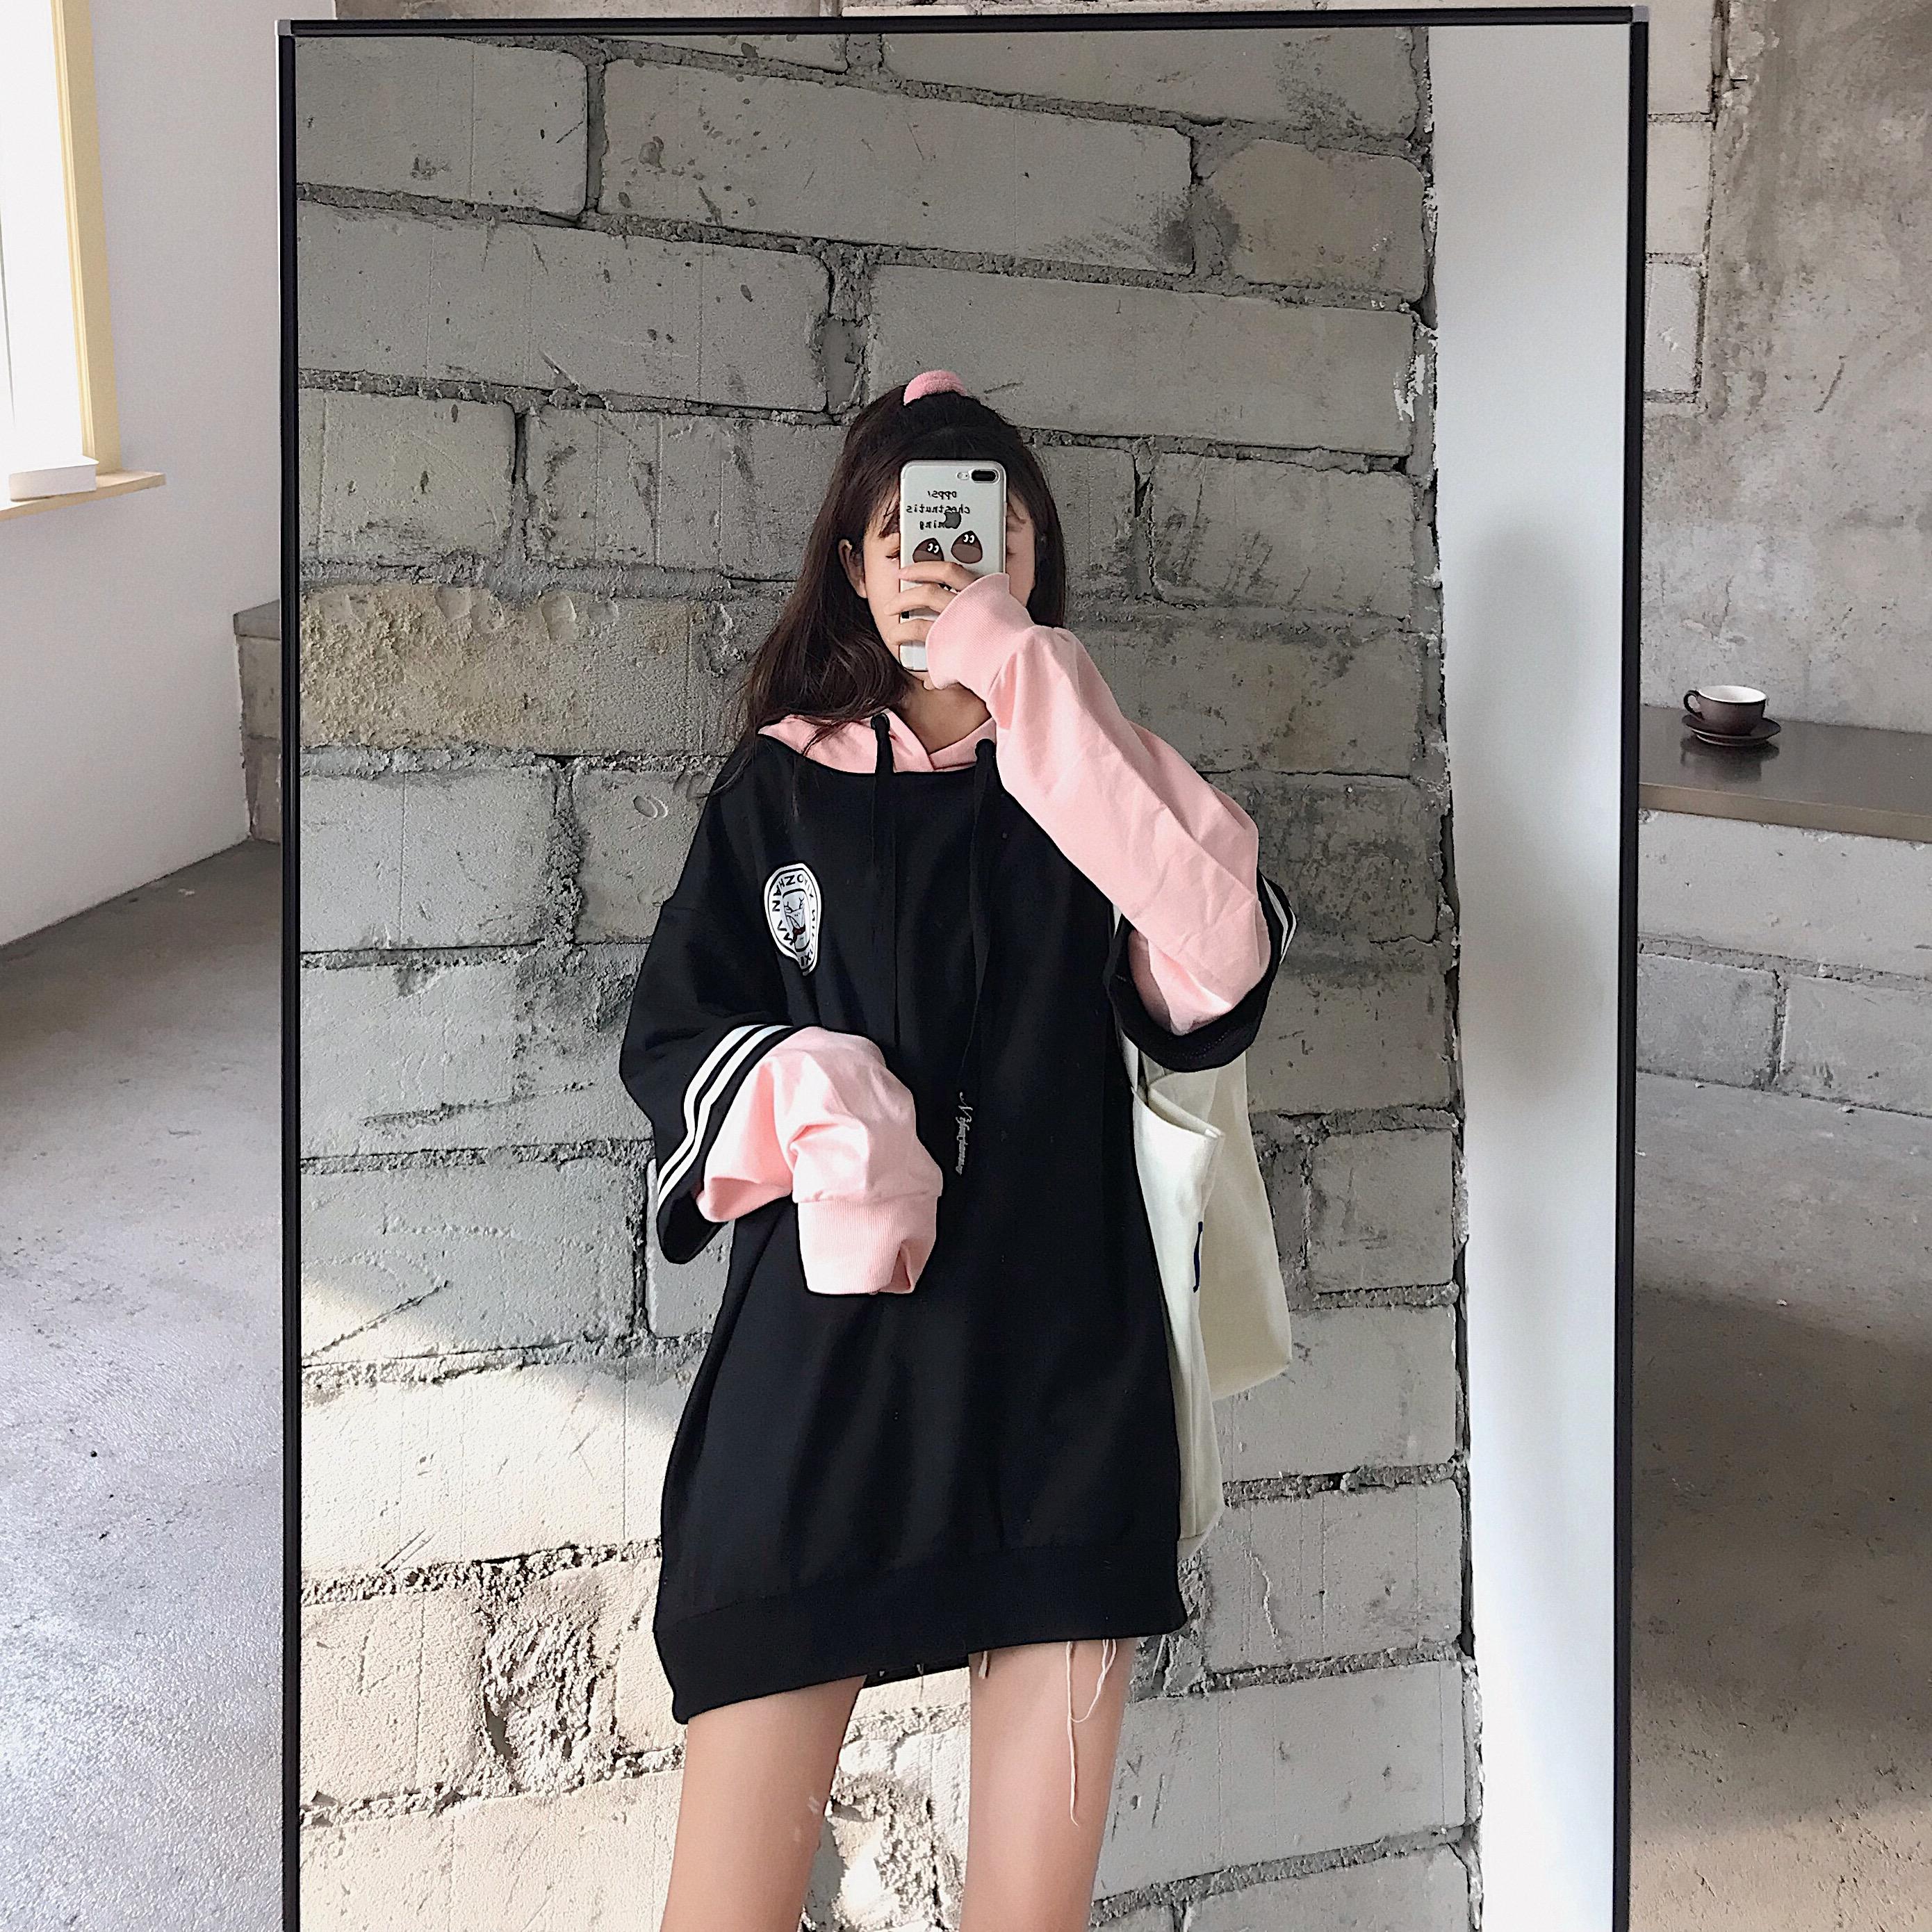 肖战同款连帽拼色加绒卫衣学生中性风情侣装薄外套0565-P40女类